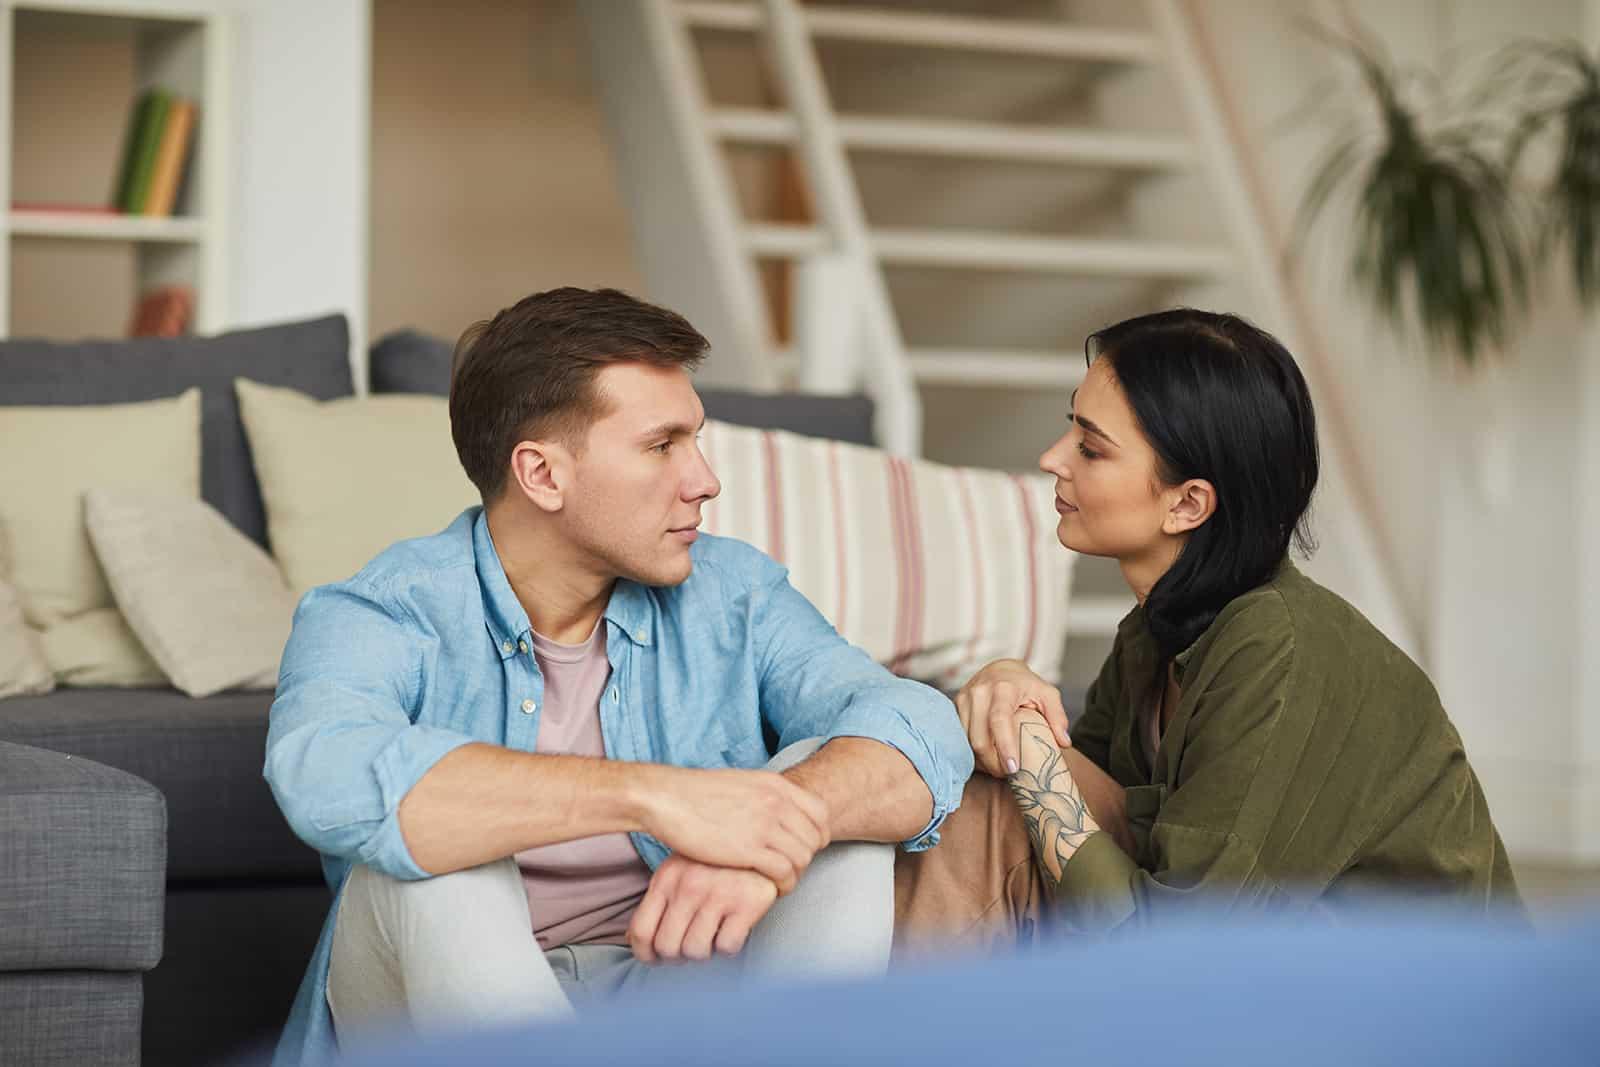 Ein Paar redet aufrichtig miteinander, während es zu Hause auf dem Boden sitzt